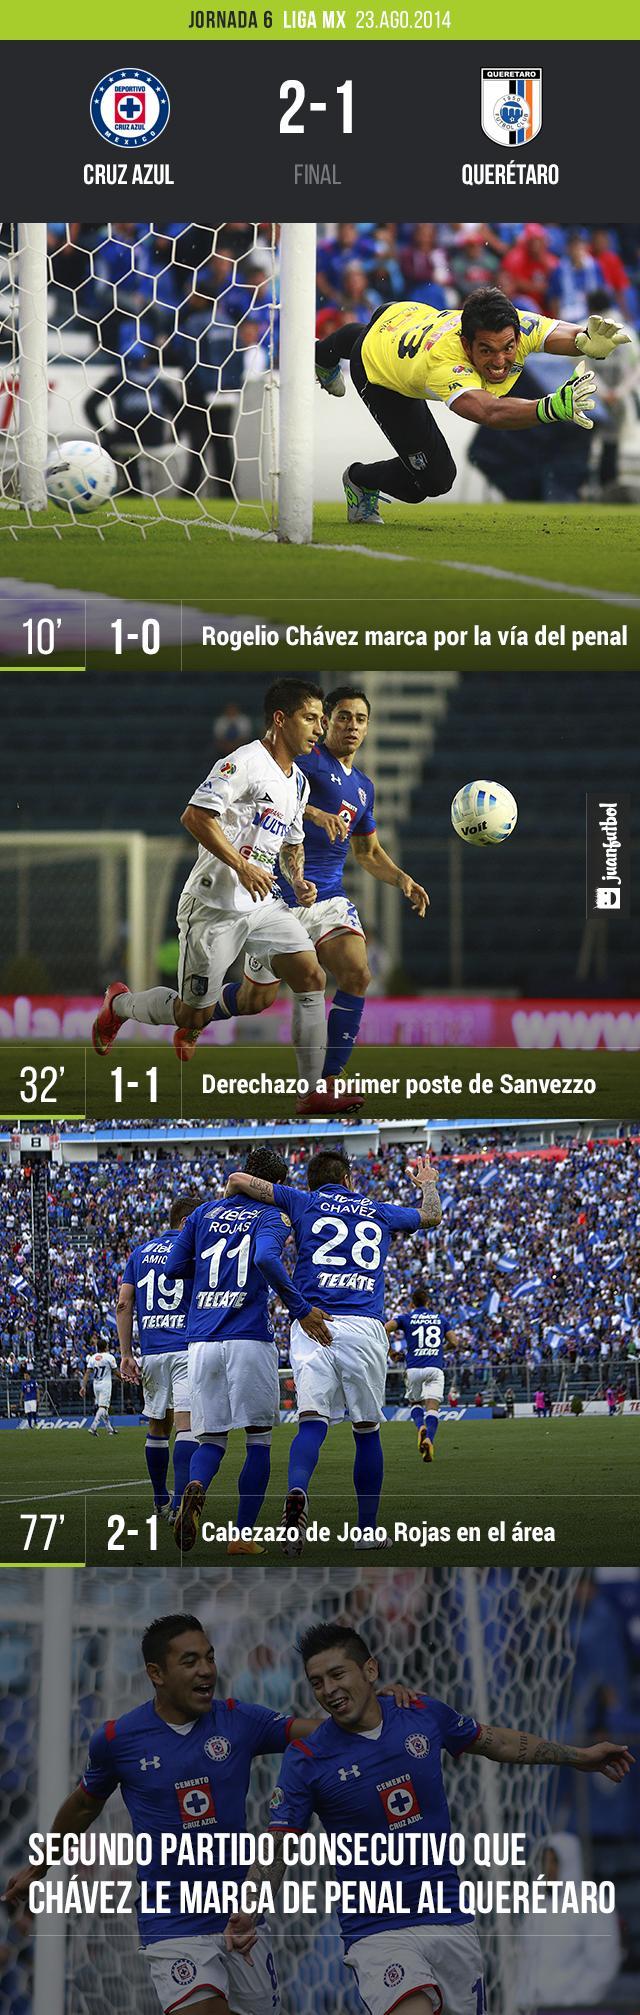 Cruz Azul 2-1 Querétaro